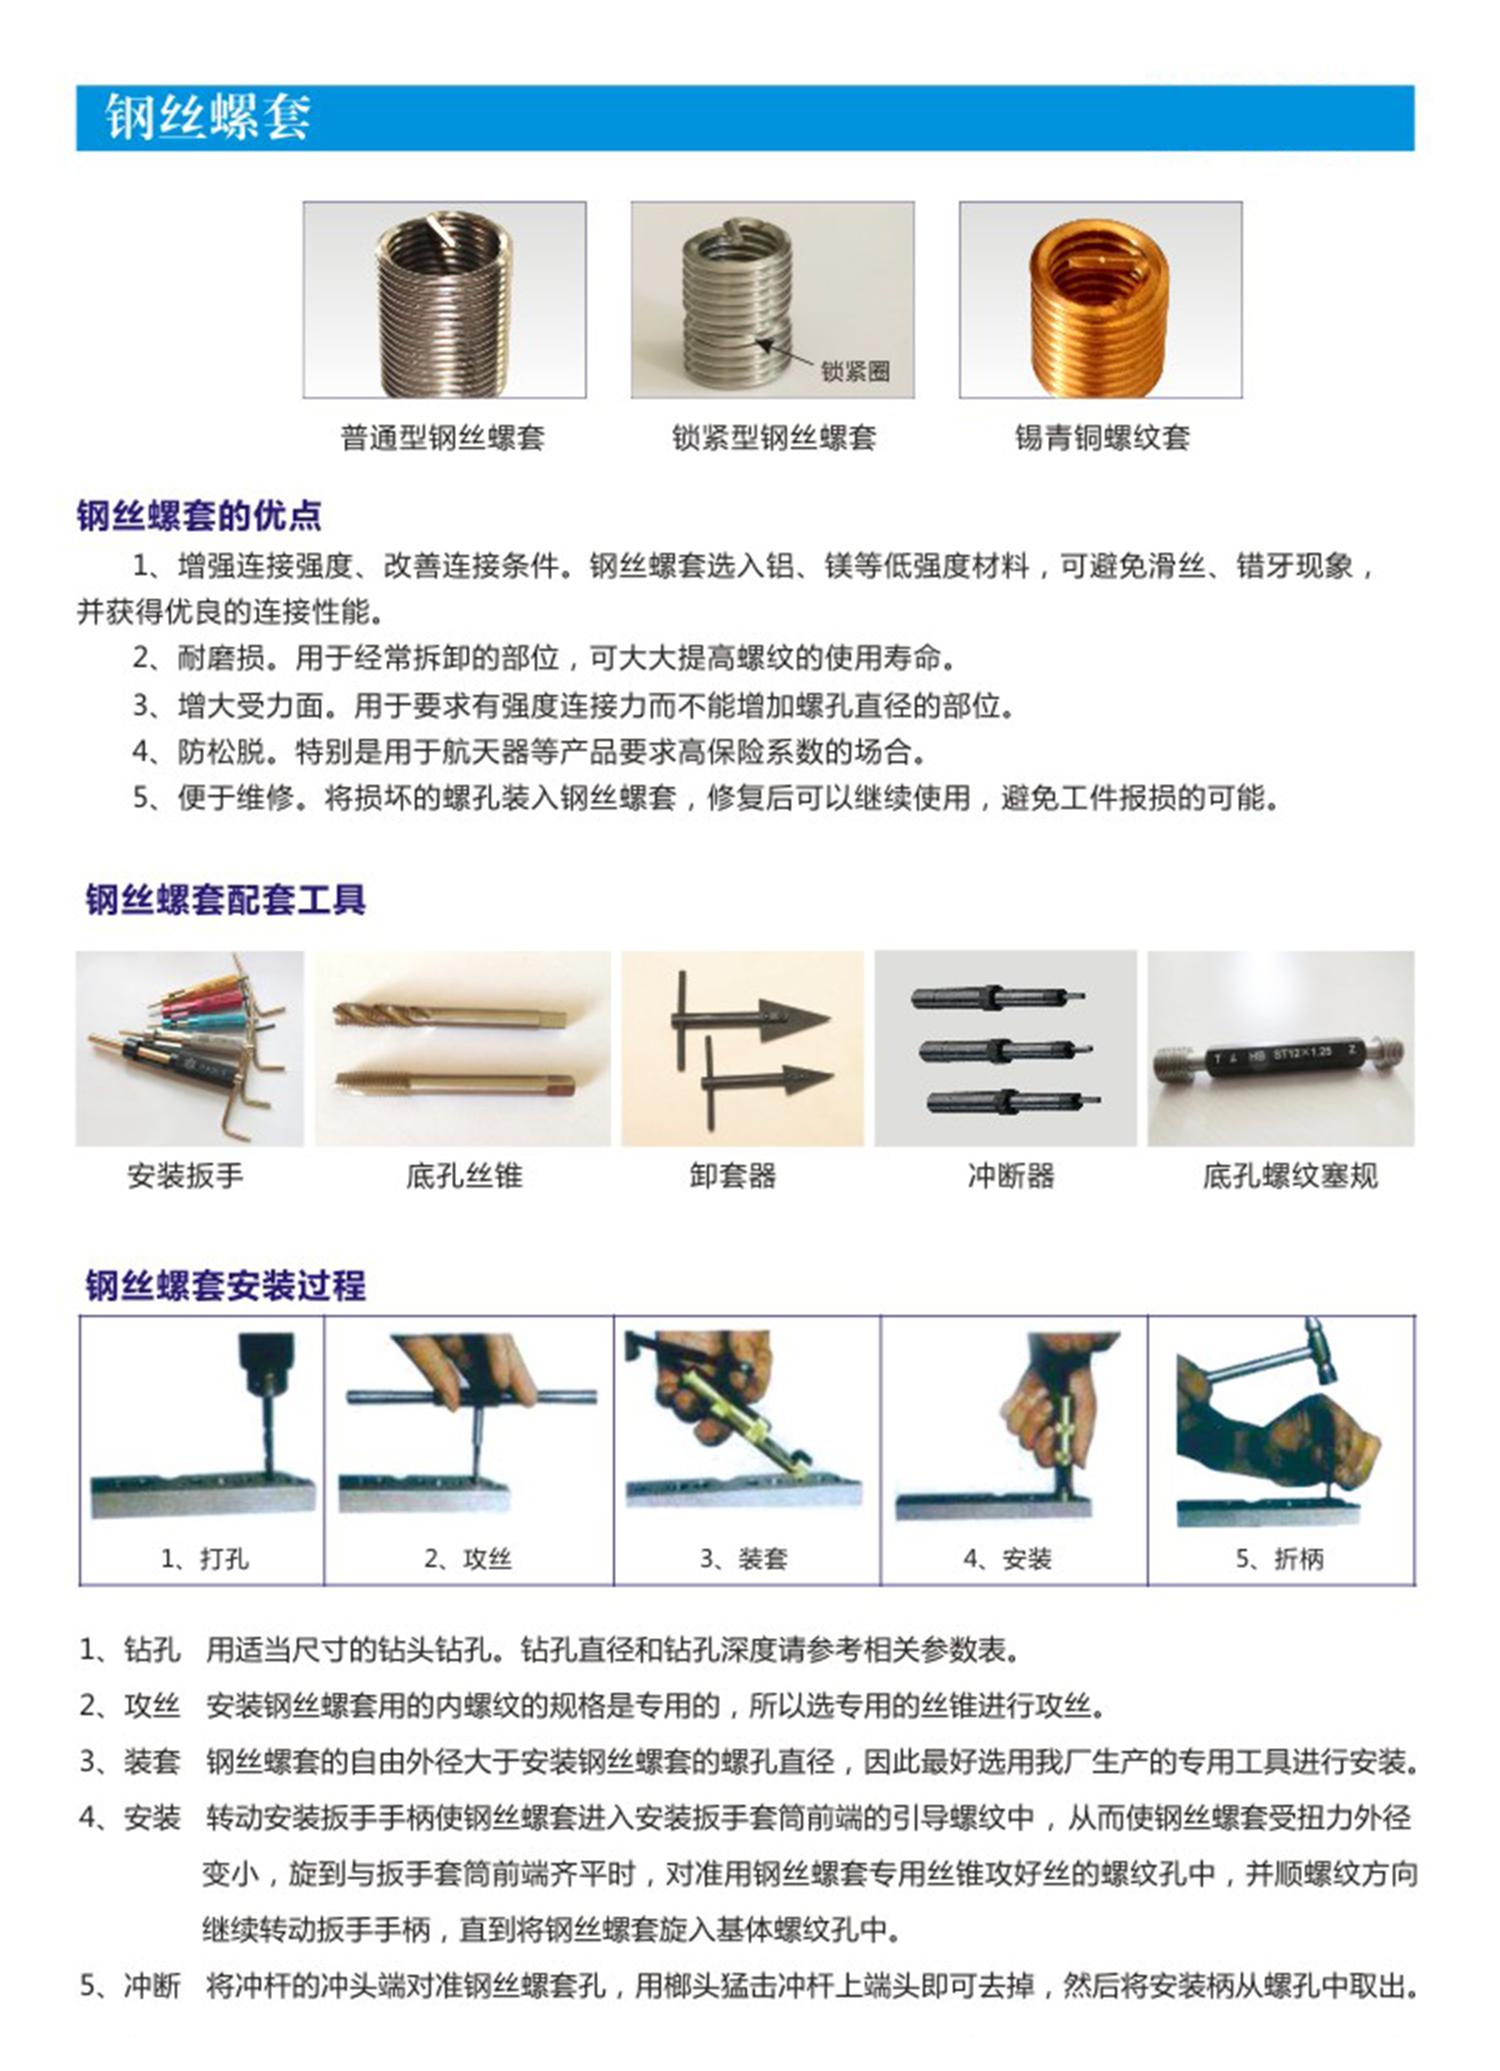 钢丝螺套产品详情.png